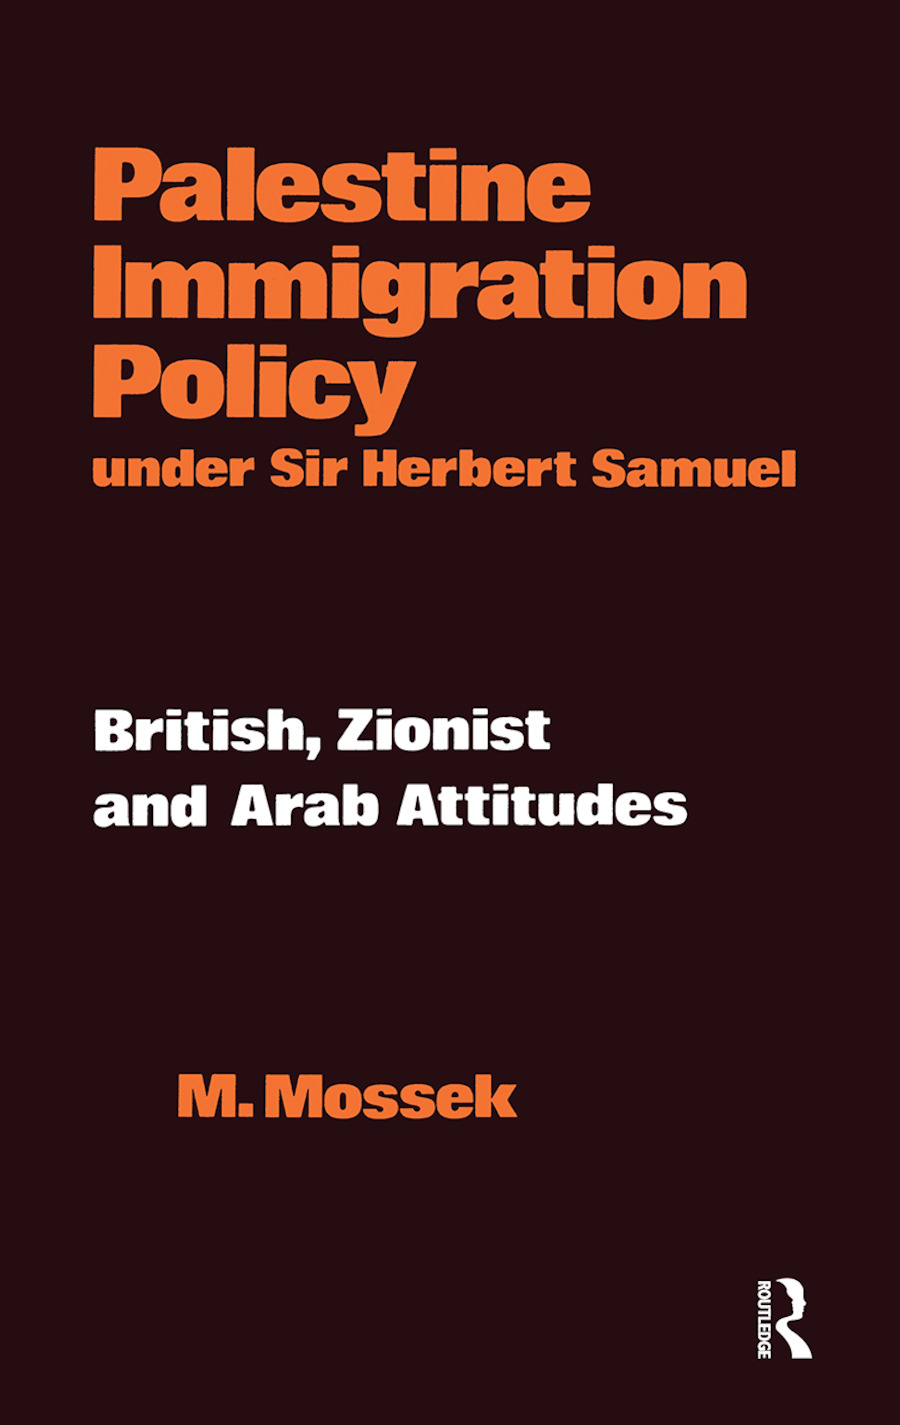 Palestine Immigration Policy under Sir Herbert Samuel